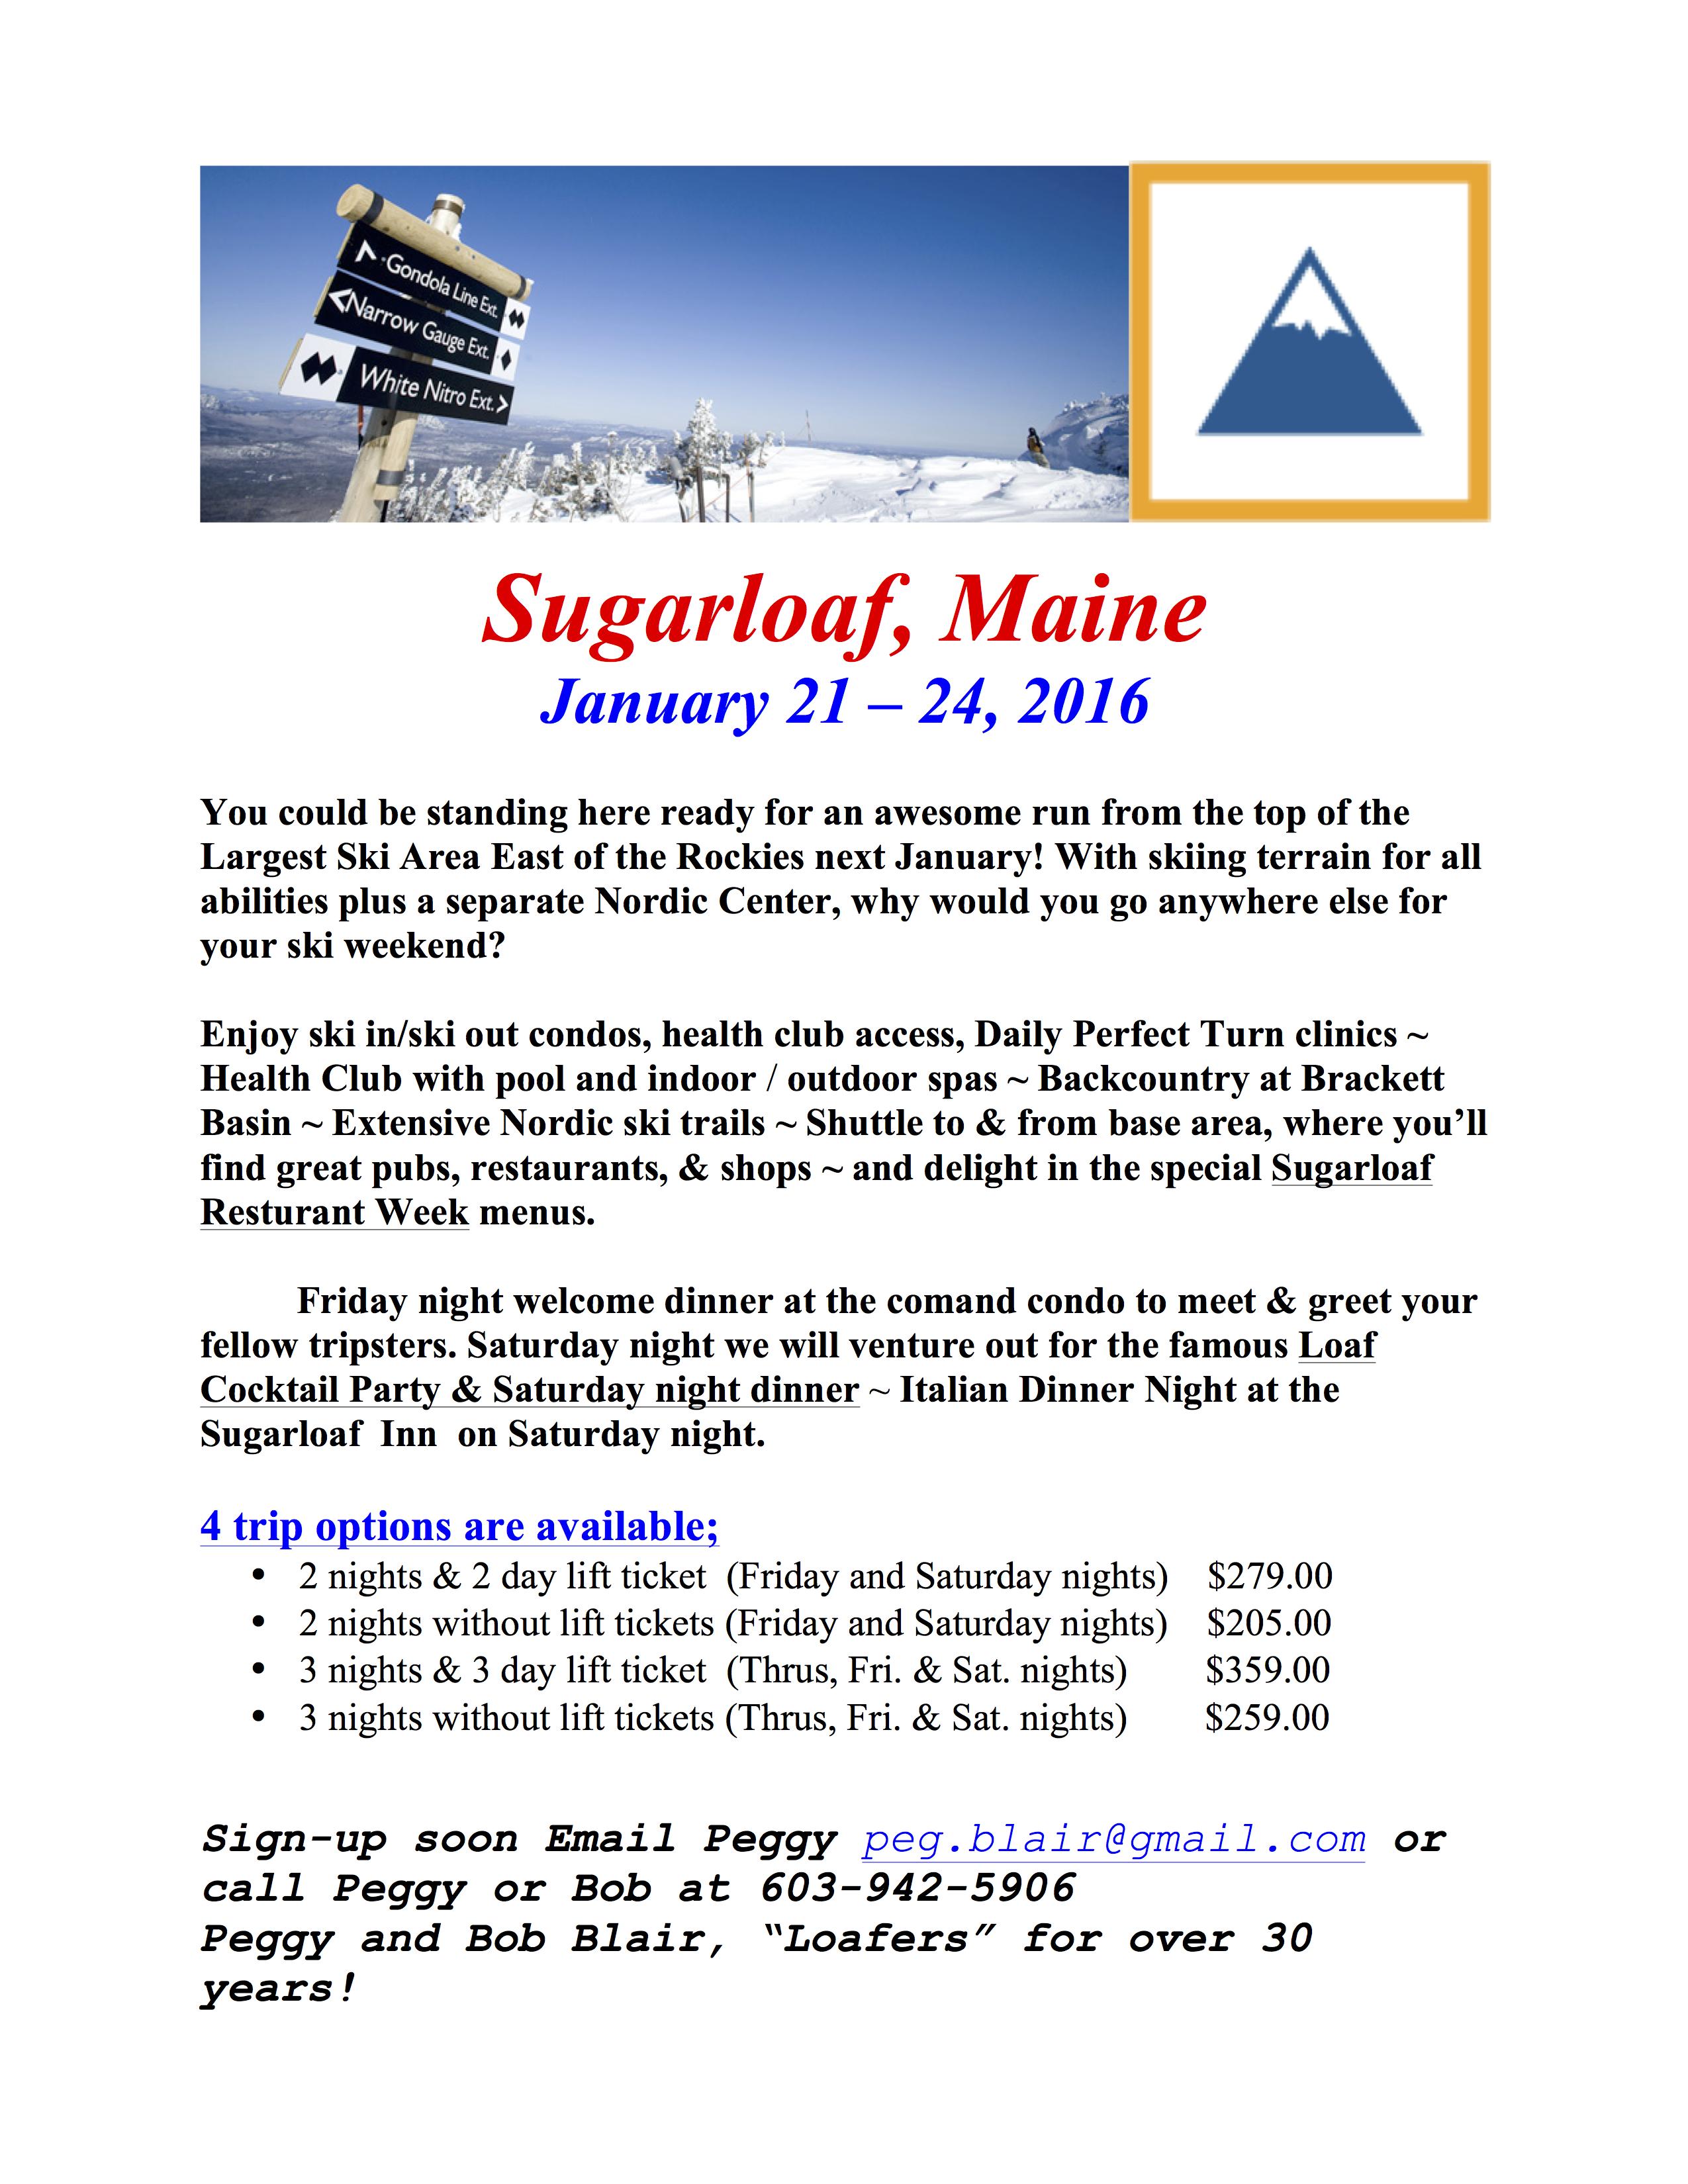 Seacoast Ski Club Sugarloaf Me